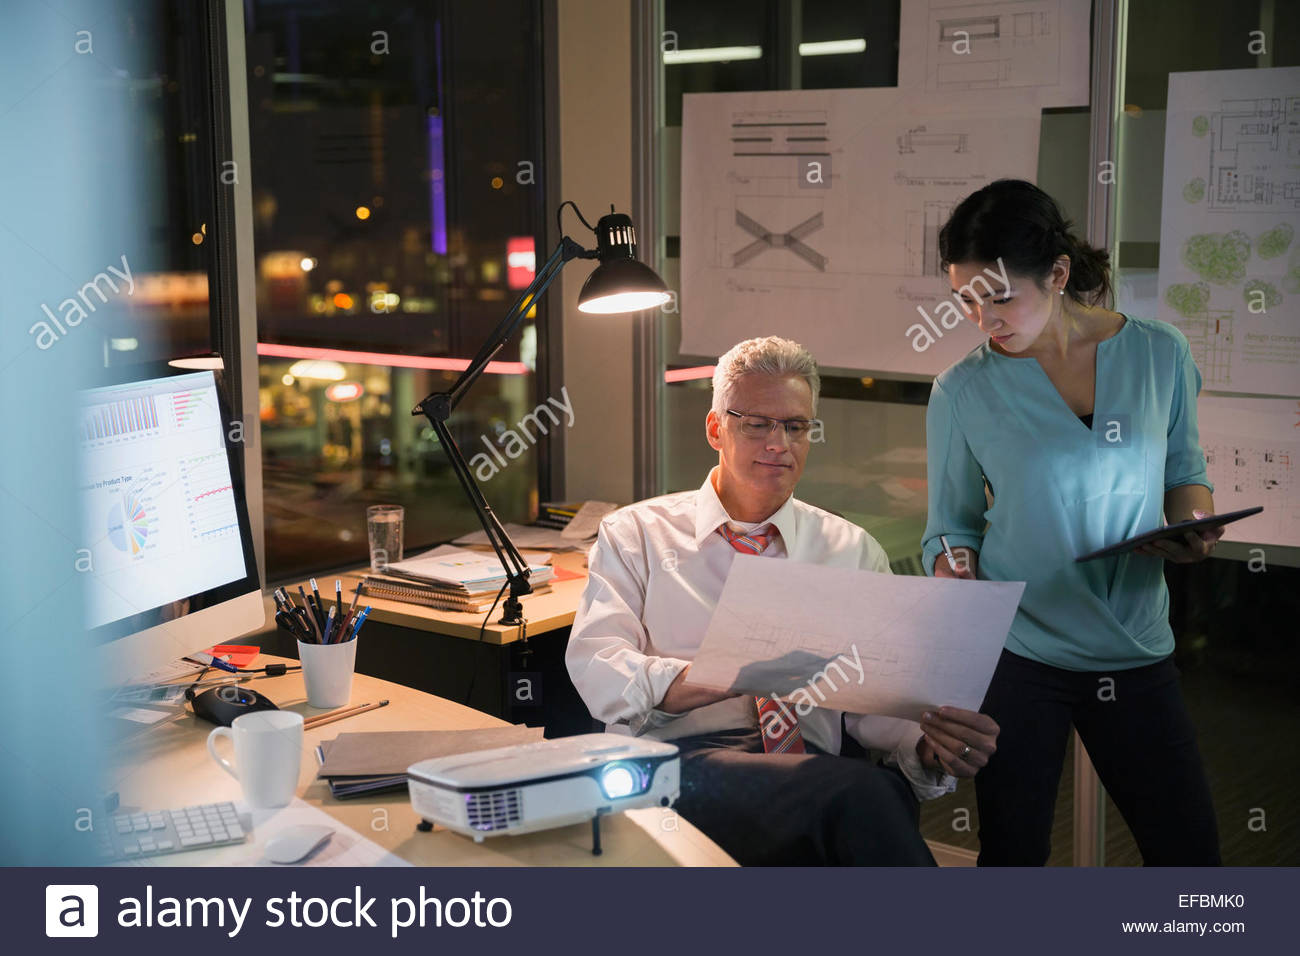 La gente di affari lavora fino a tardi in ufficio Immagini Stock